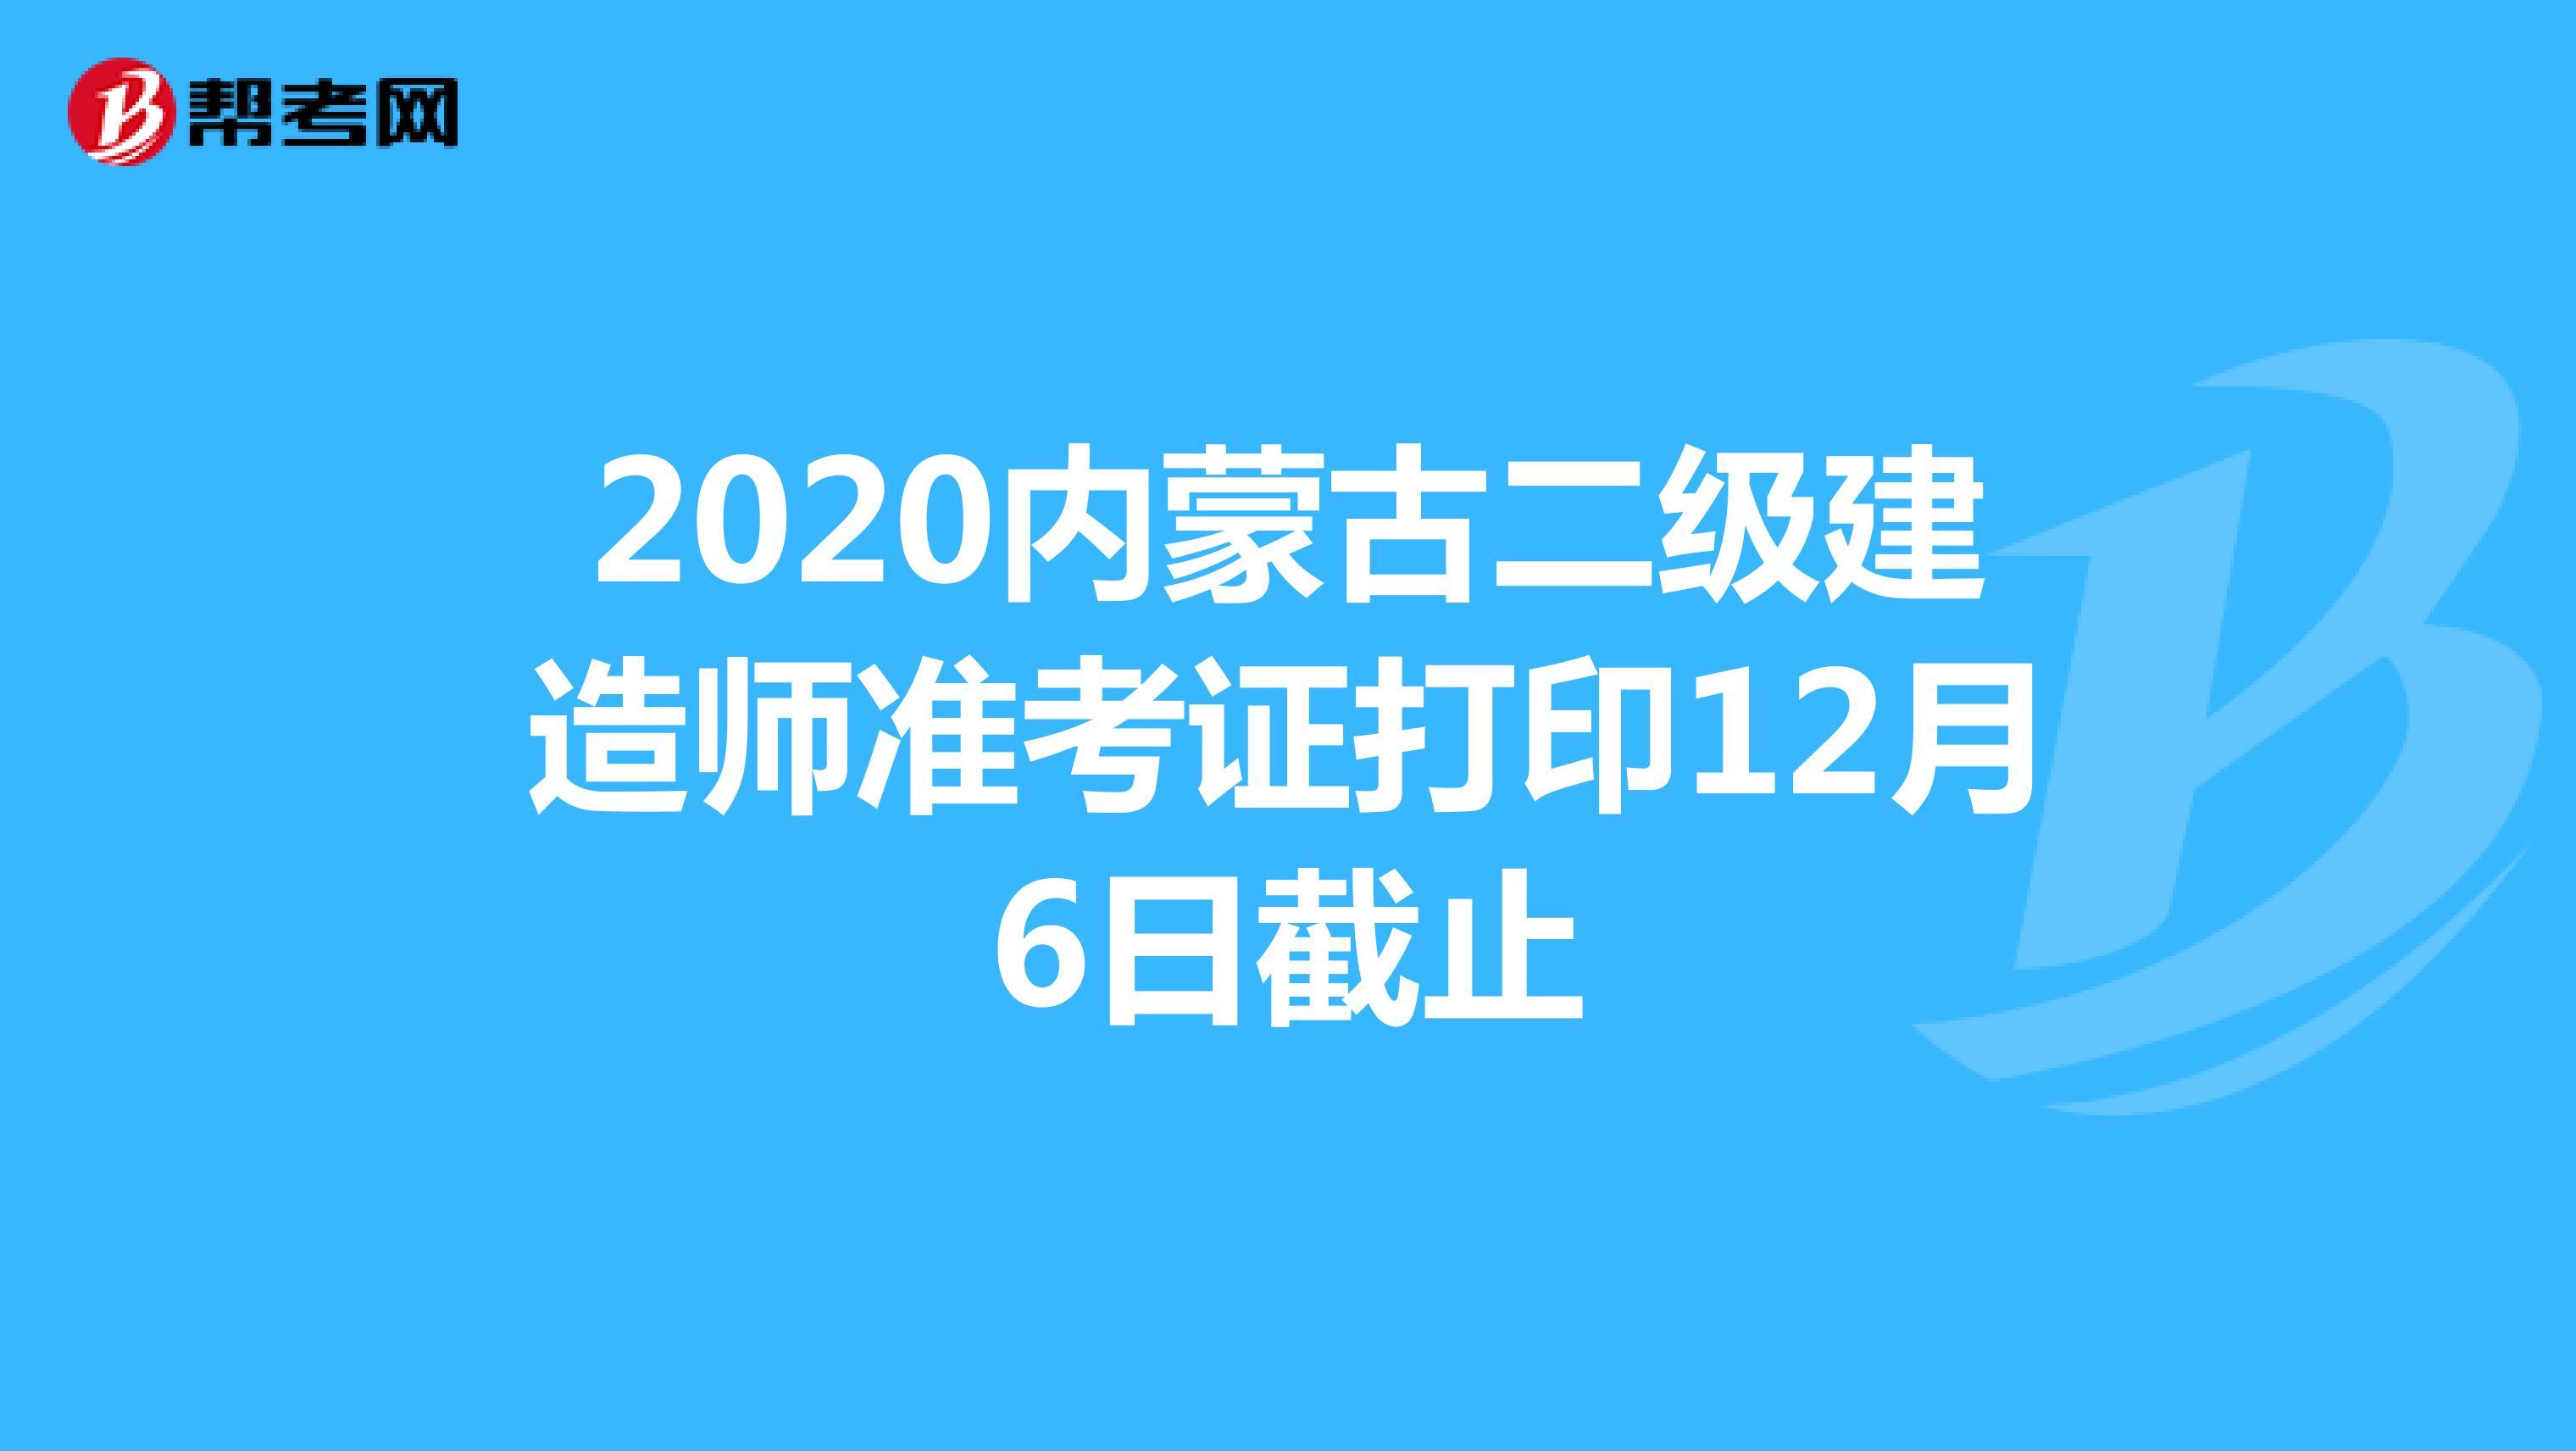 2020內蒙古二級建造師準考證打印12月6日截止